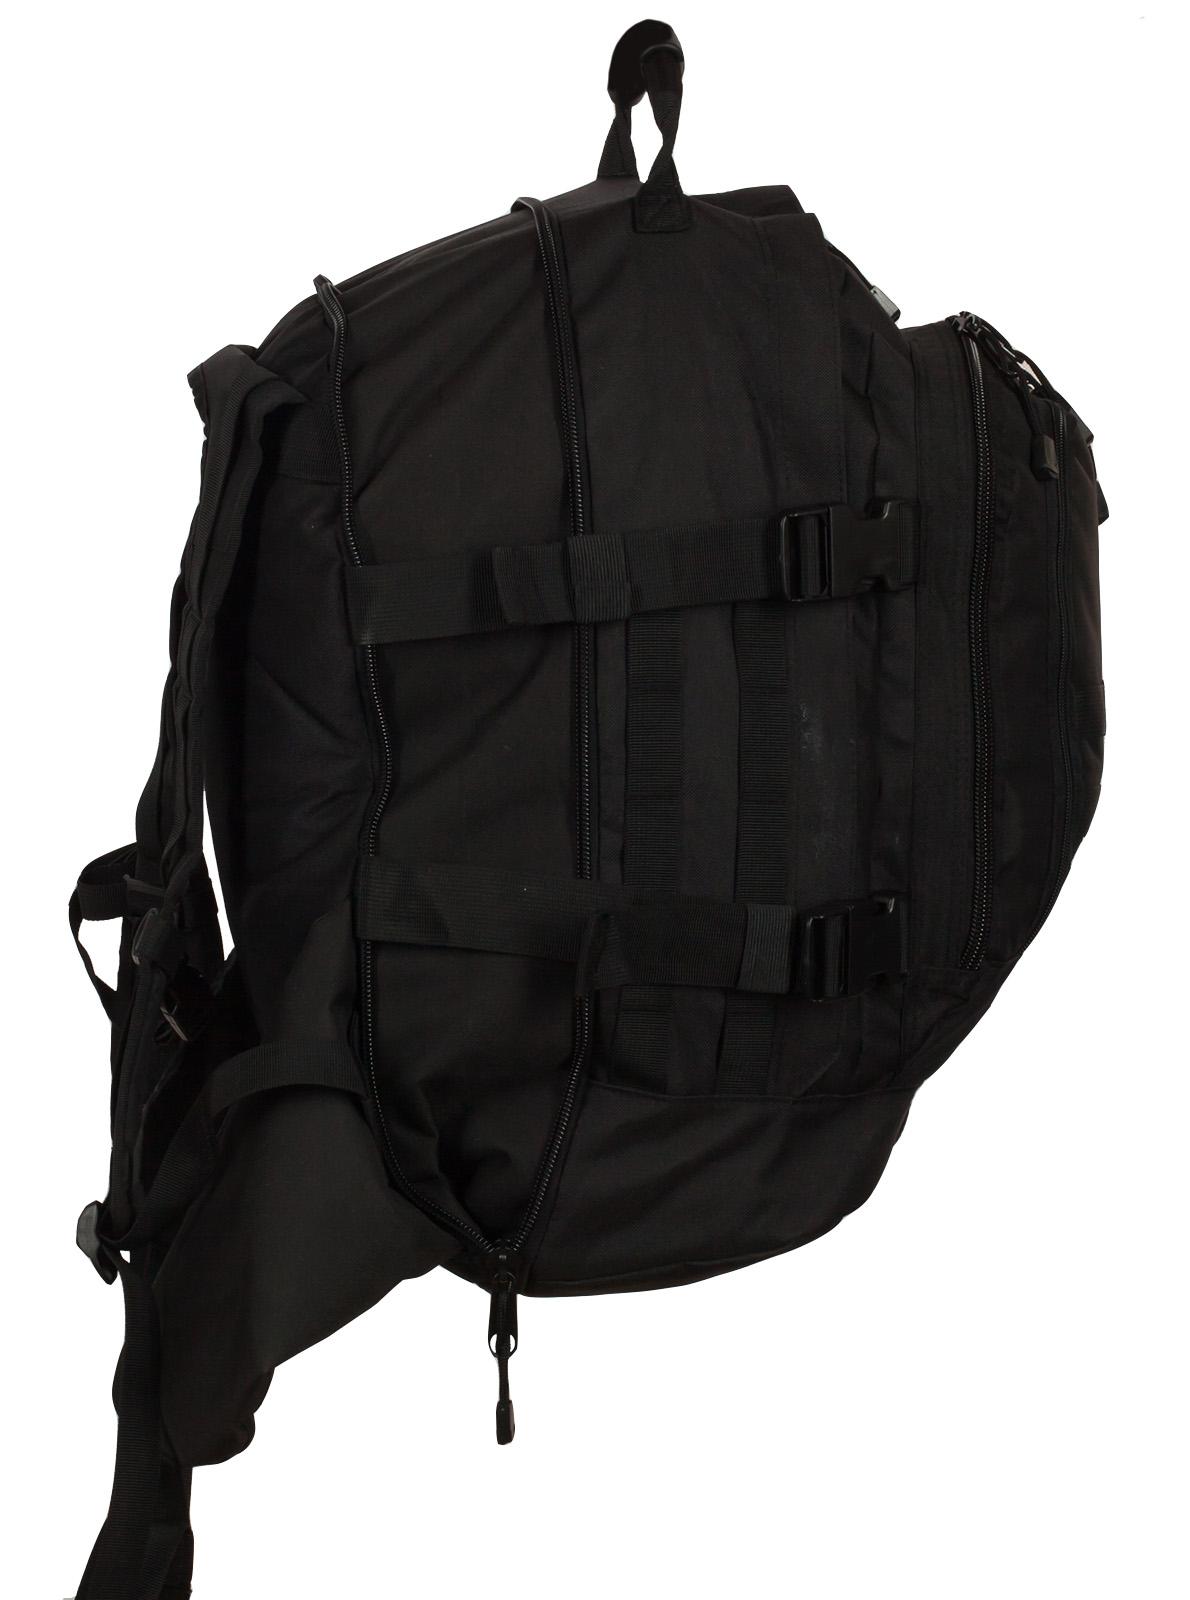 Черный армейский рюкзак 3-Day Expandable Backpack 08002A Black с эмблемой СССР оптом в Военпро